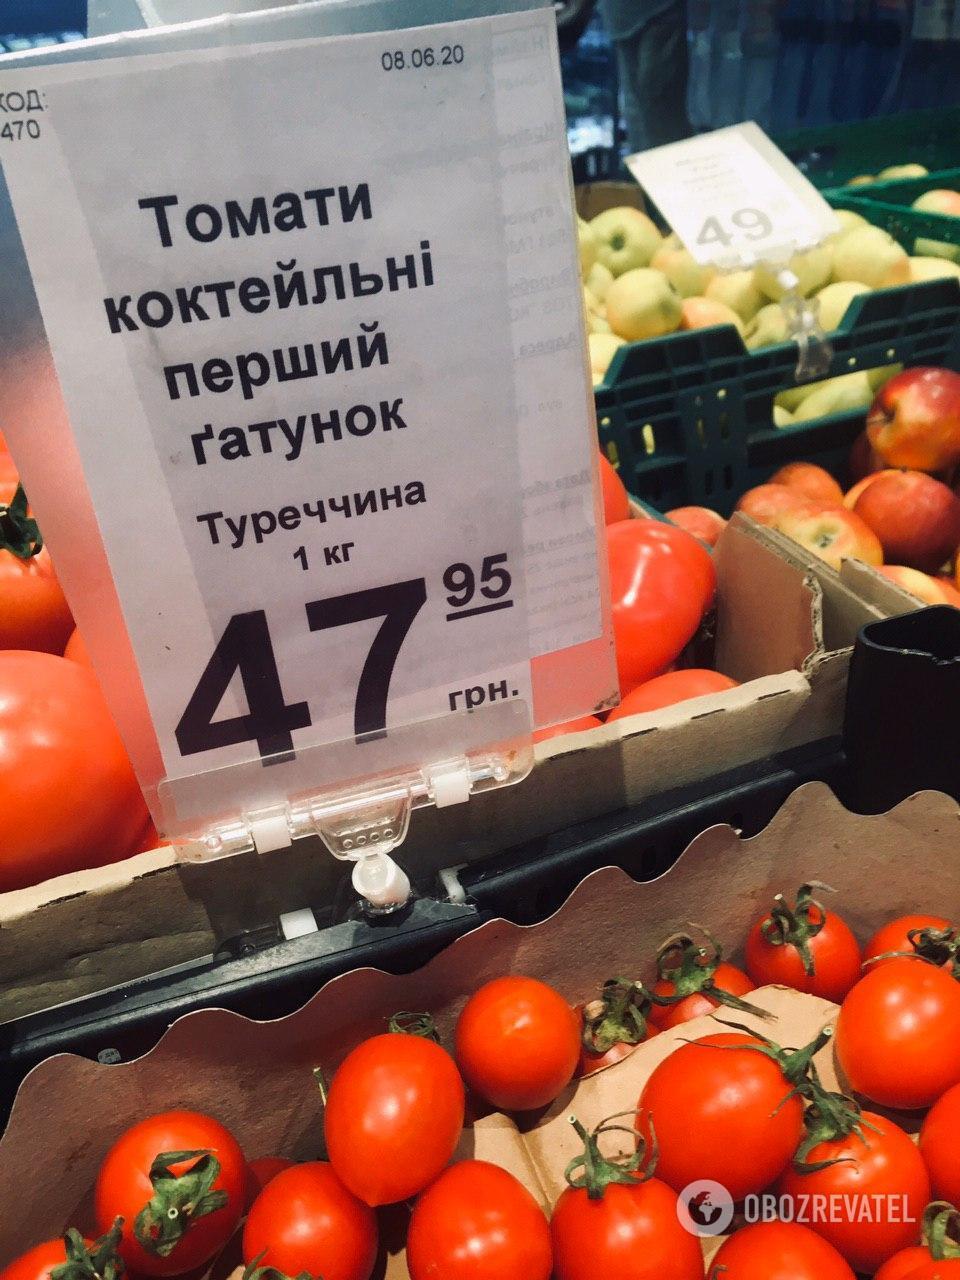 Турецкие томаты дешевле украинских